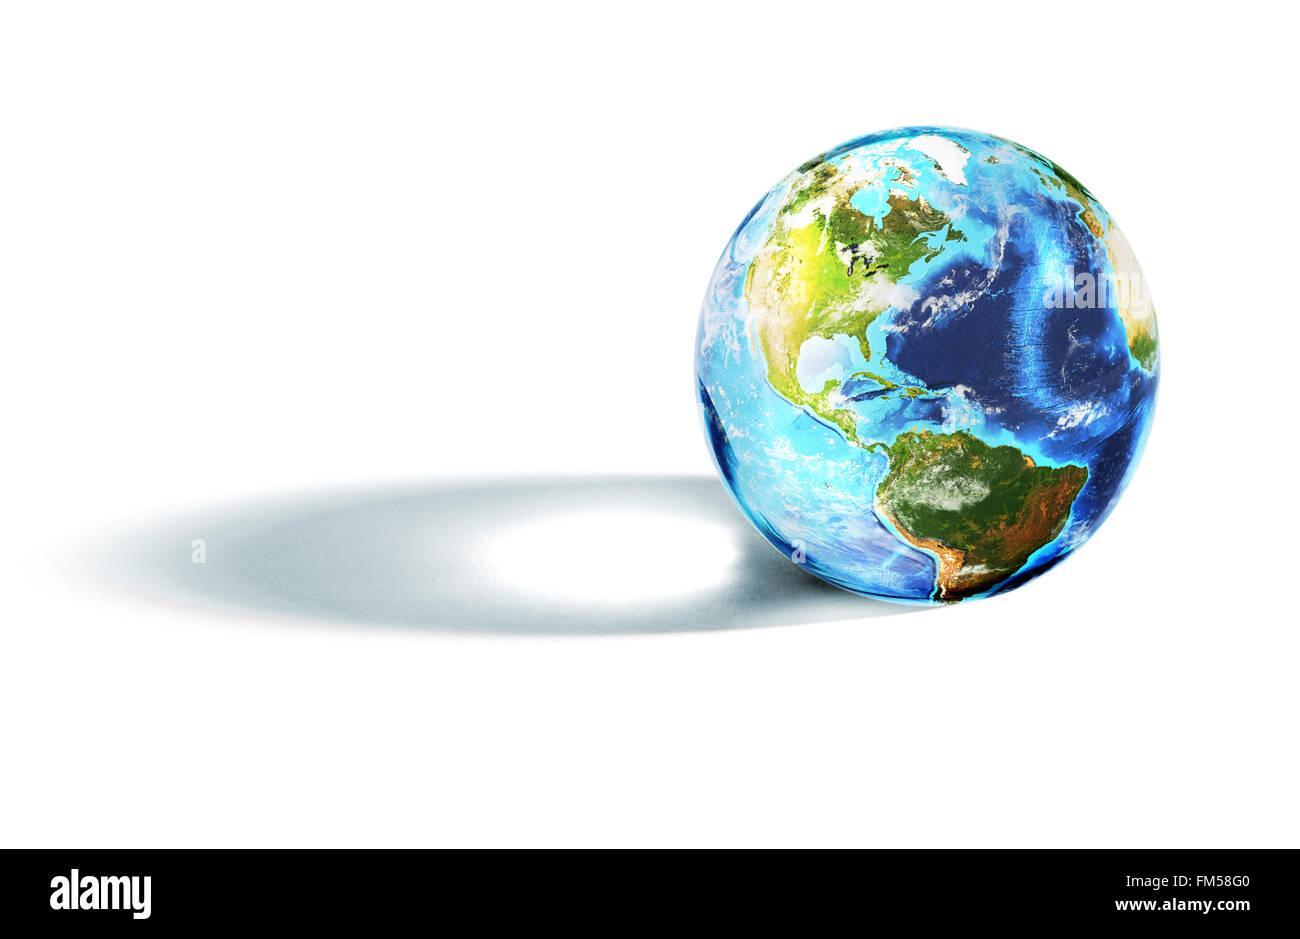 Un monde coloré globe représentant la terre d'un côté artistique ombre Photo Stock